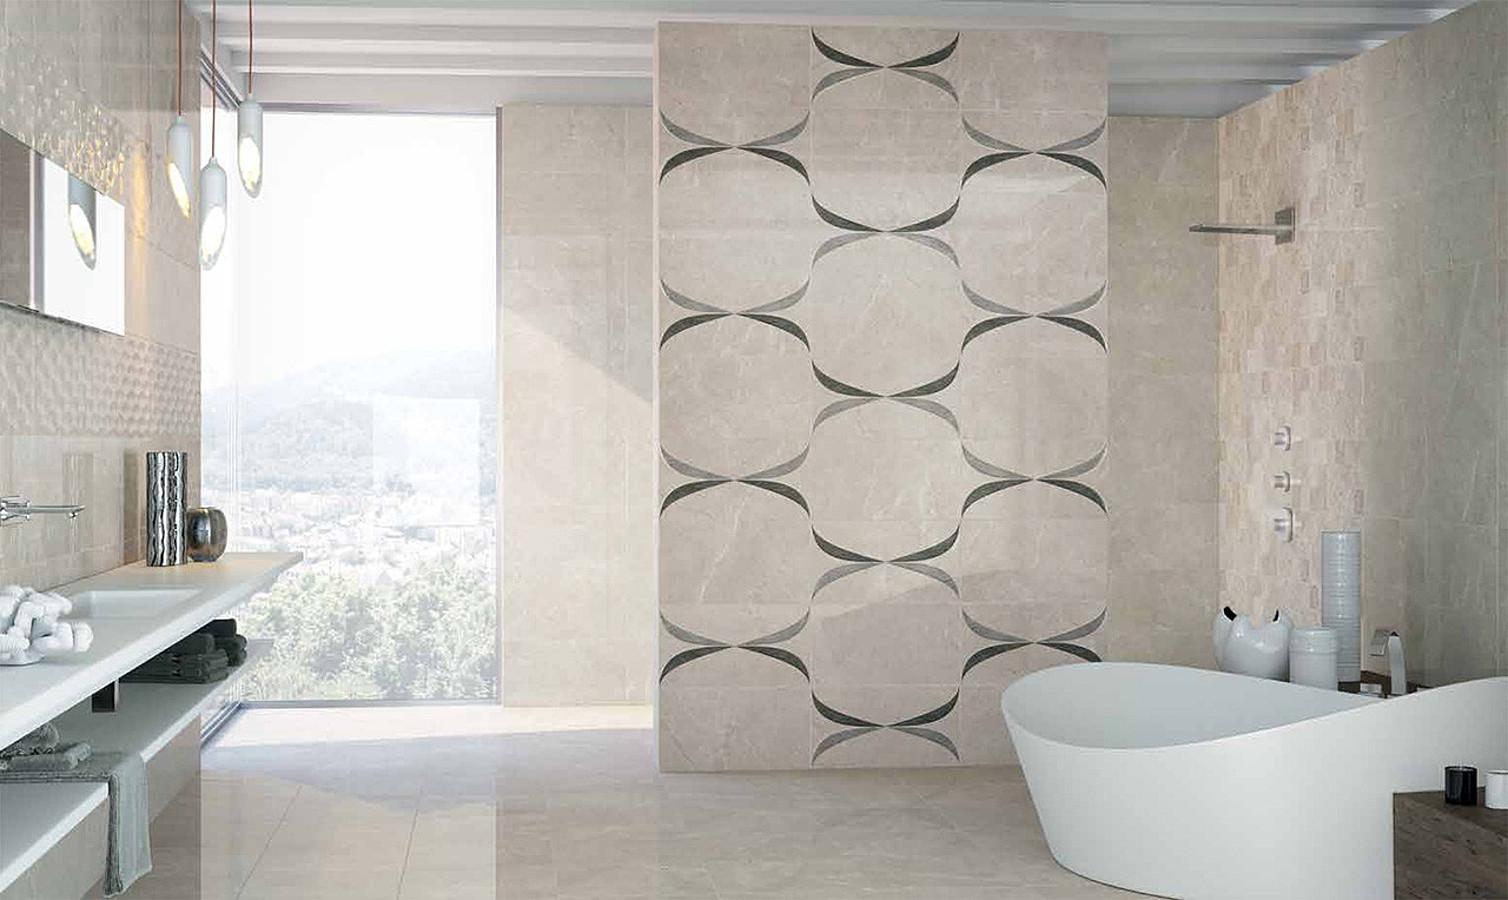 Piastrelle in ceramica di fanal tile expert u rivenditore di